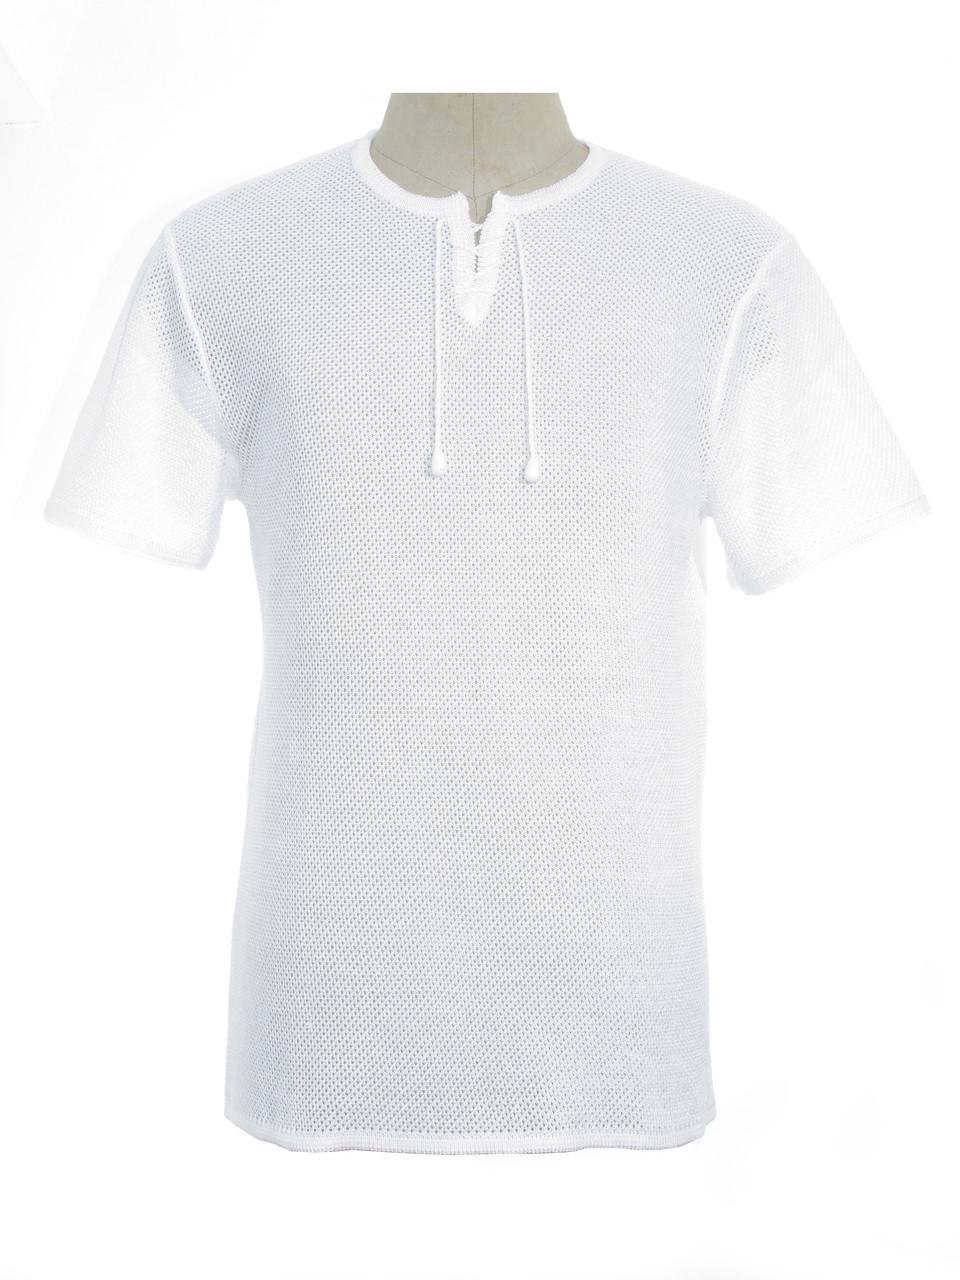 Мужская вязаная футболка 20310 (х/б)